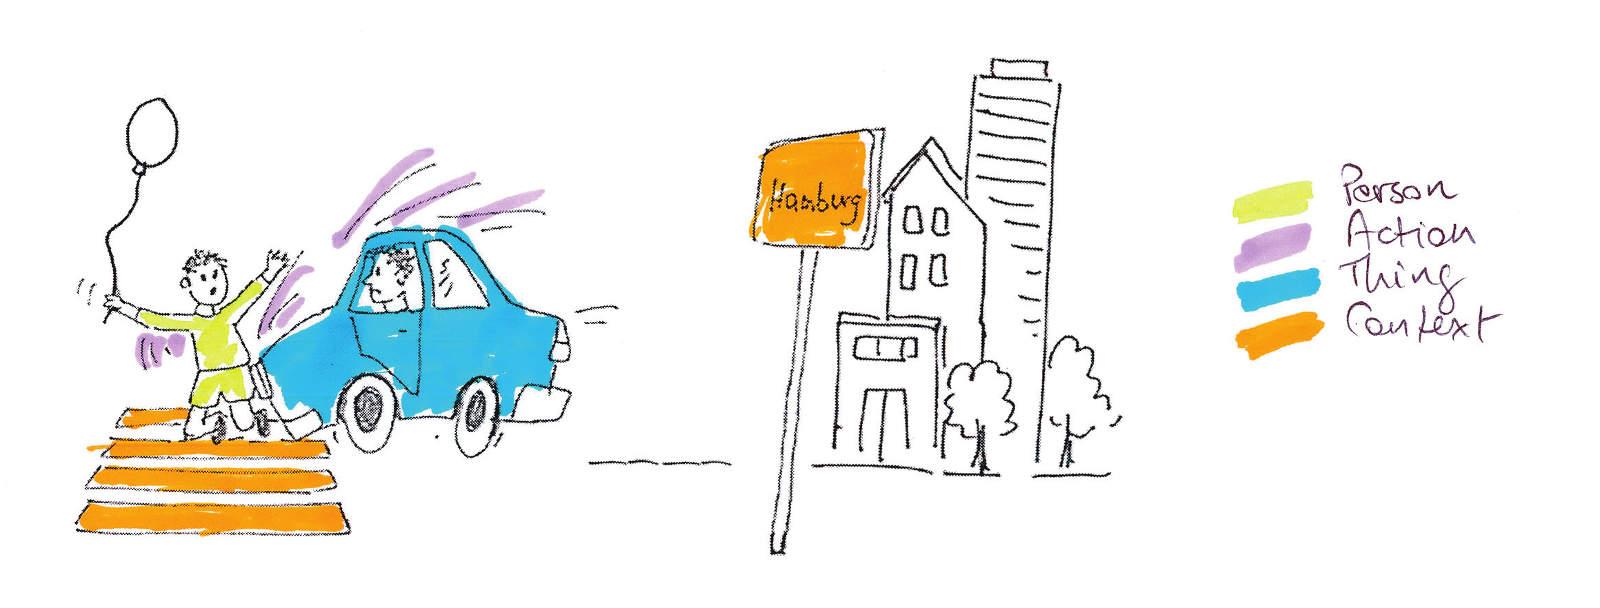 Les facettes Personne, Chose, Action et Contexte (Illustration par UHf)